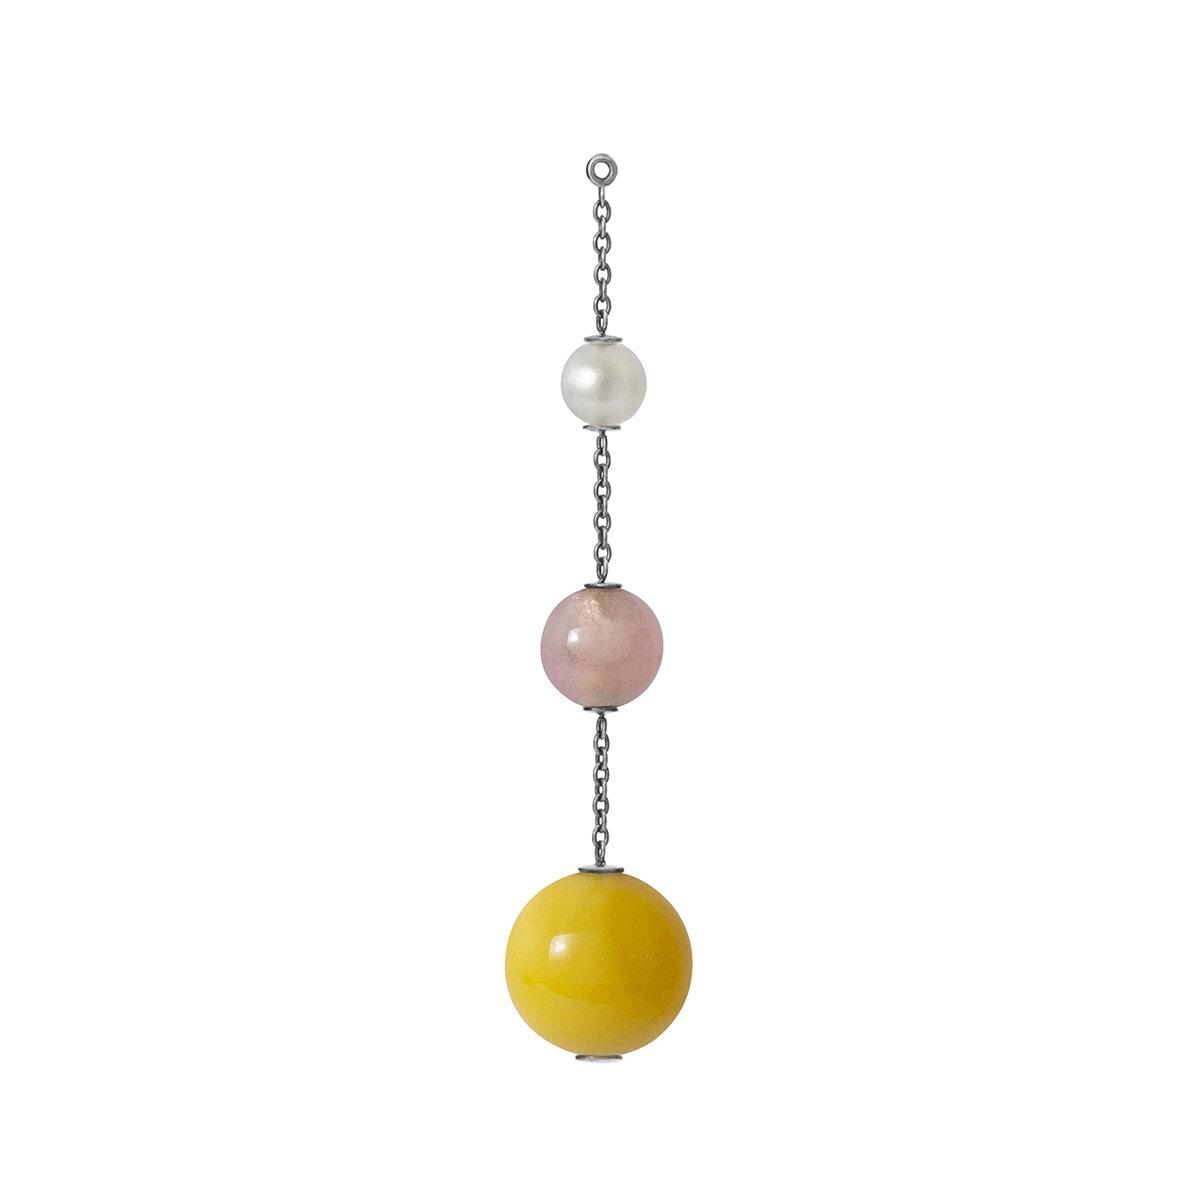 Lotus pendant for earring